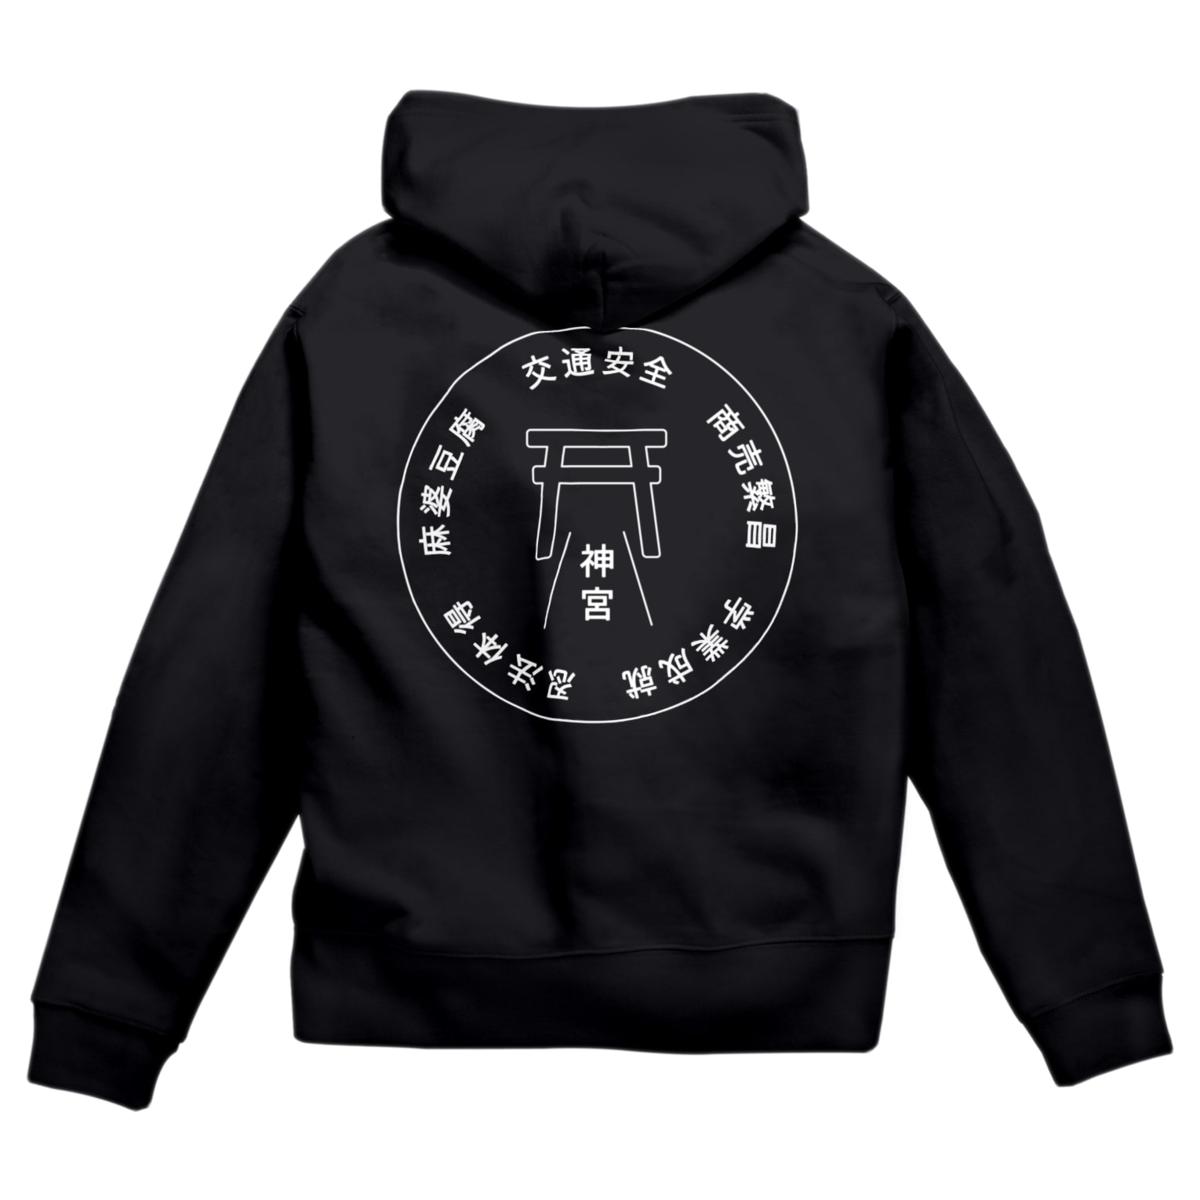 zip-hoodie2-back